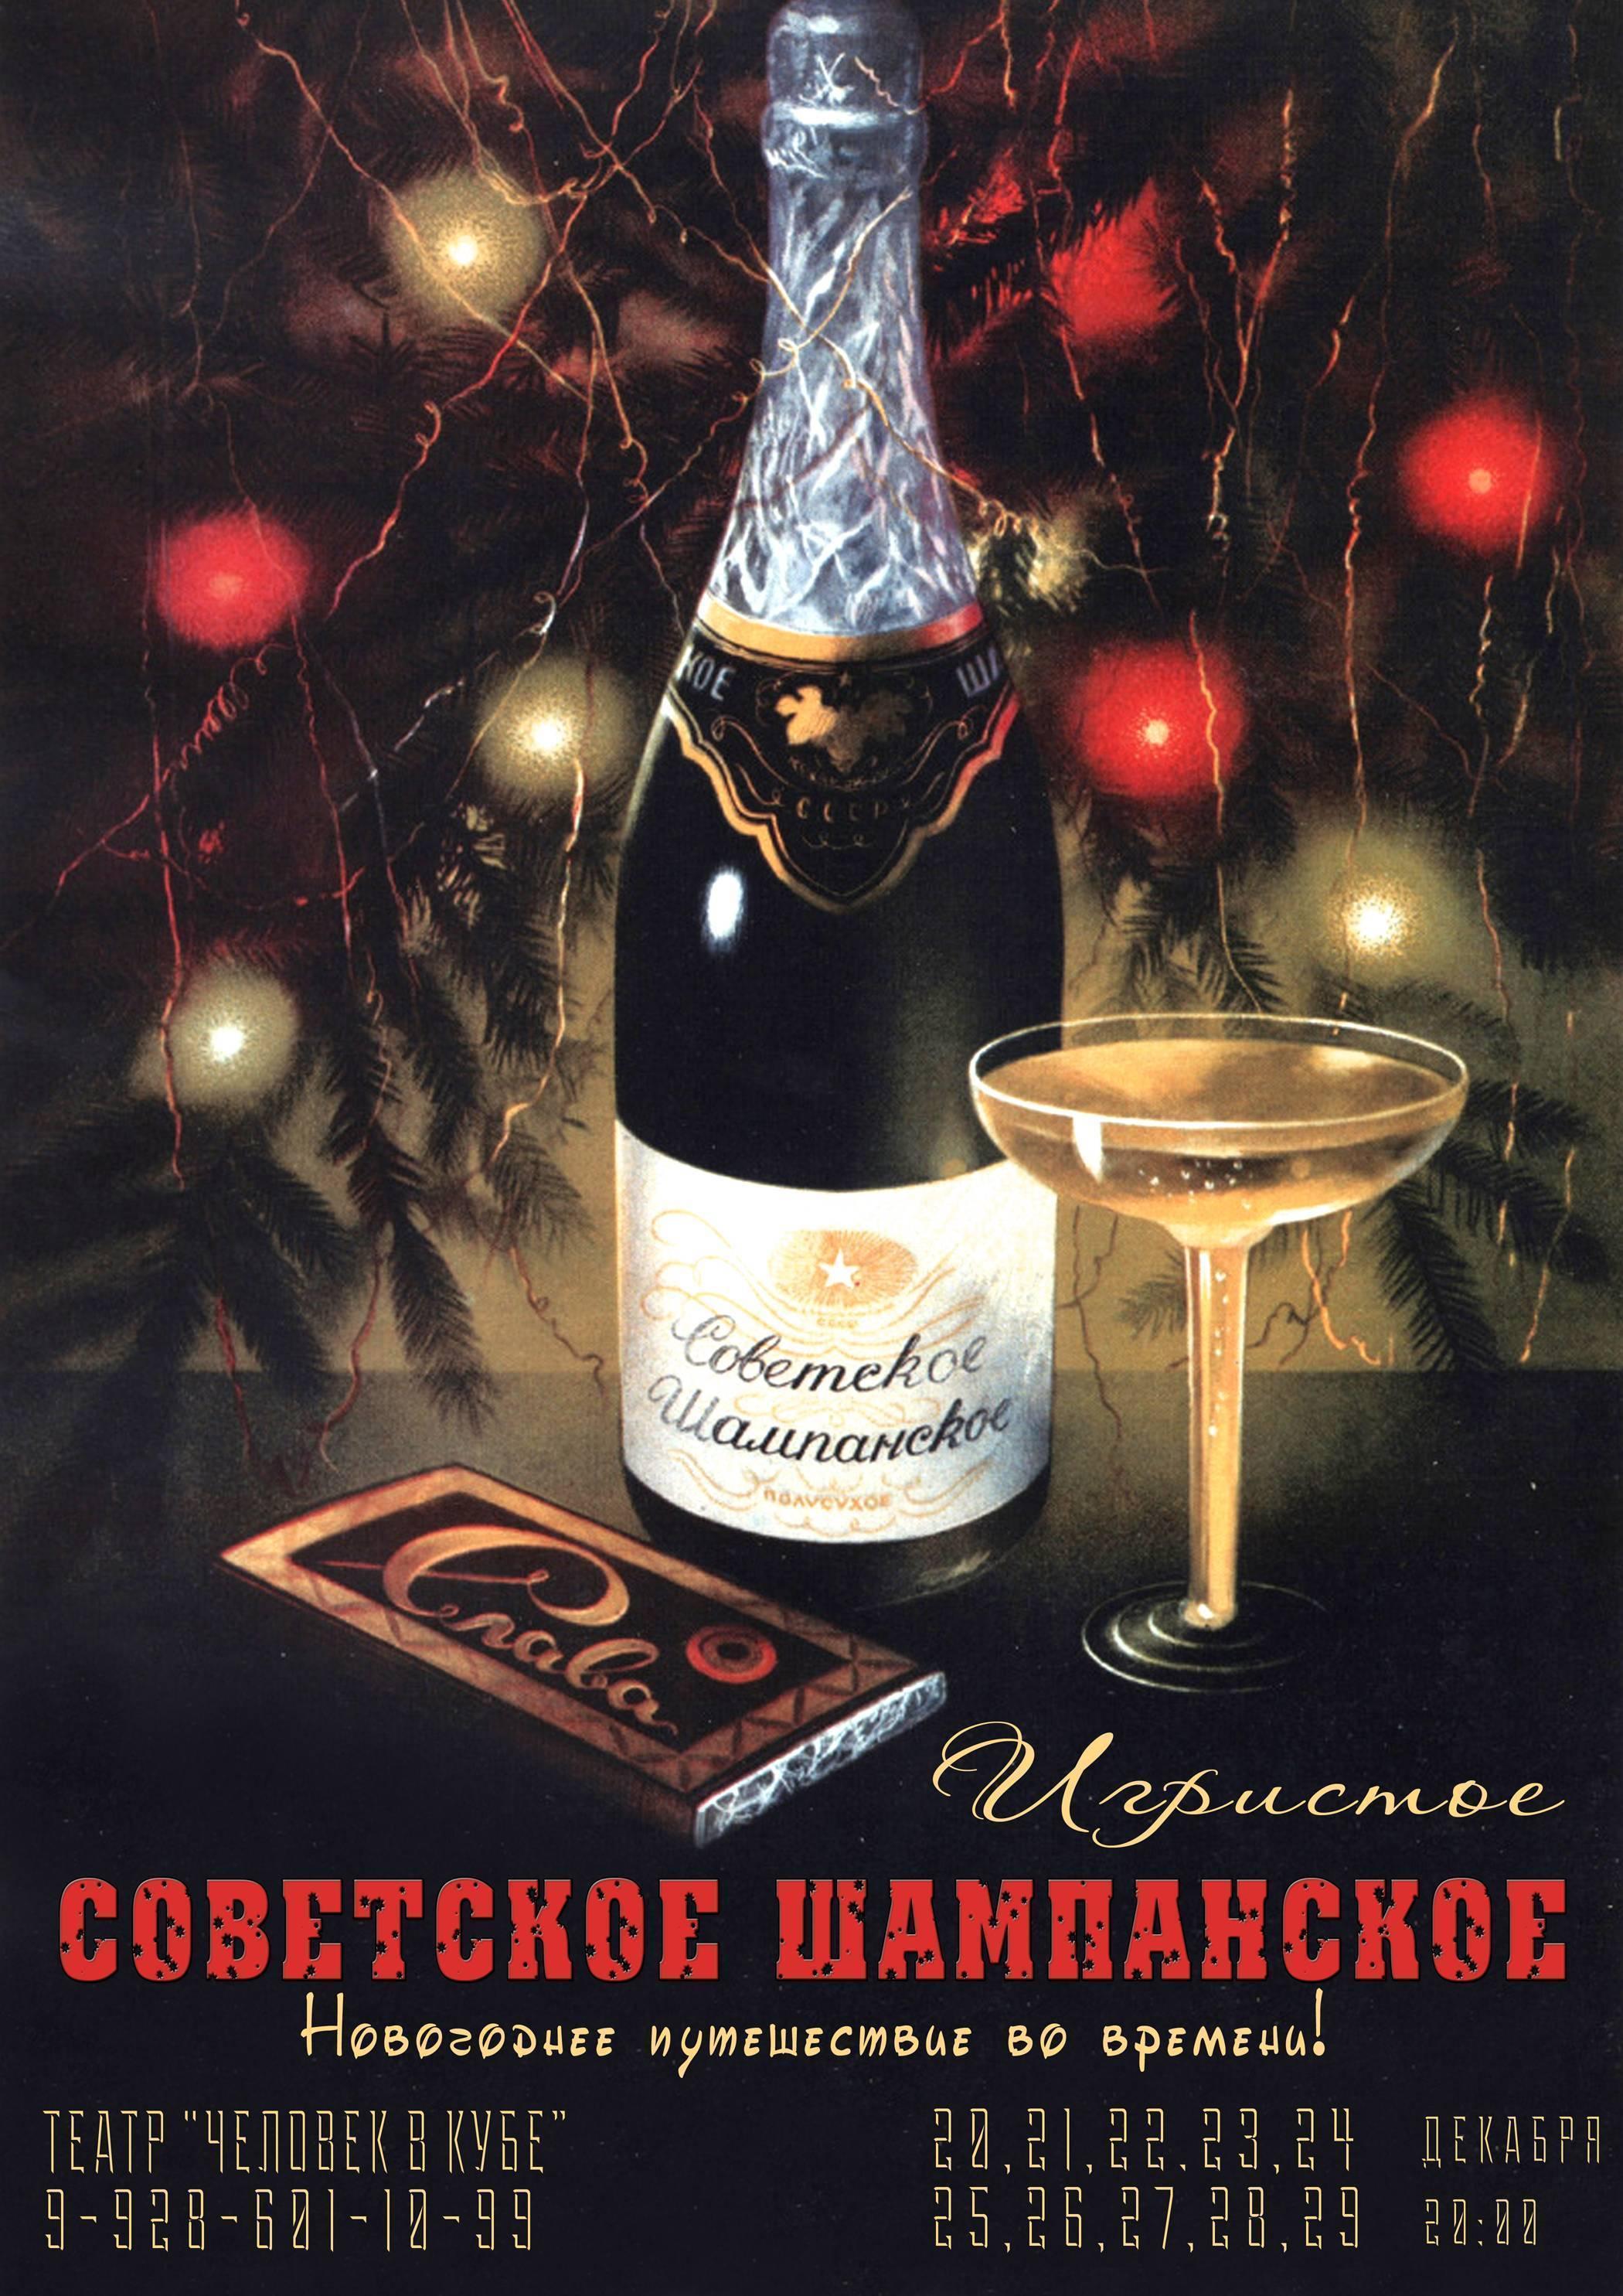 Советское шампанское: буржуазный напиток пролетариев (18+)